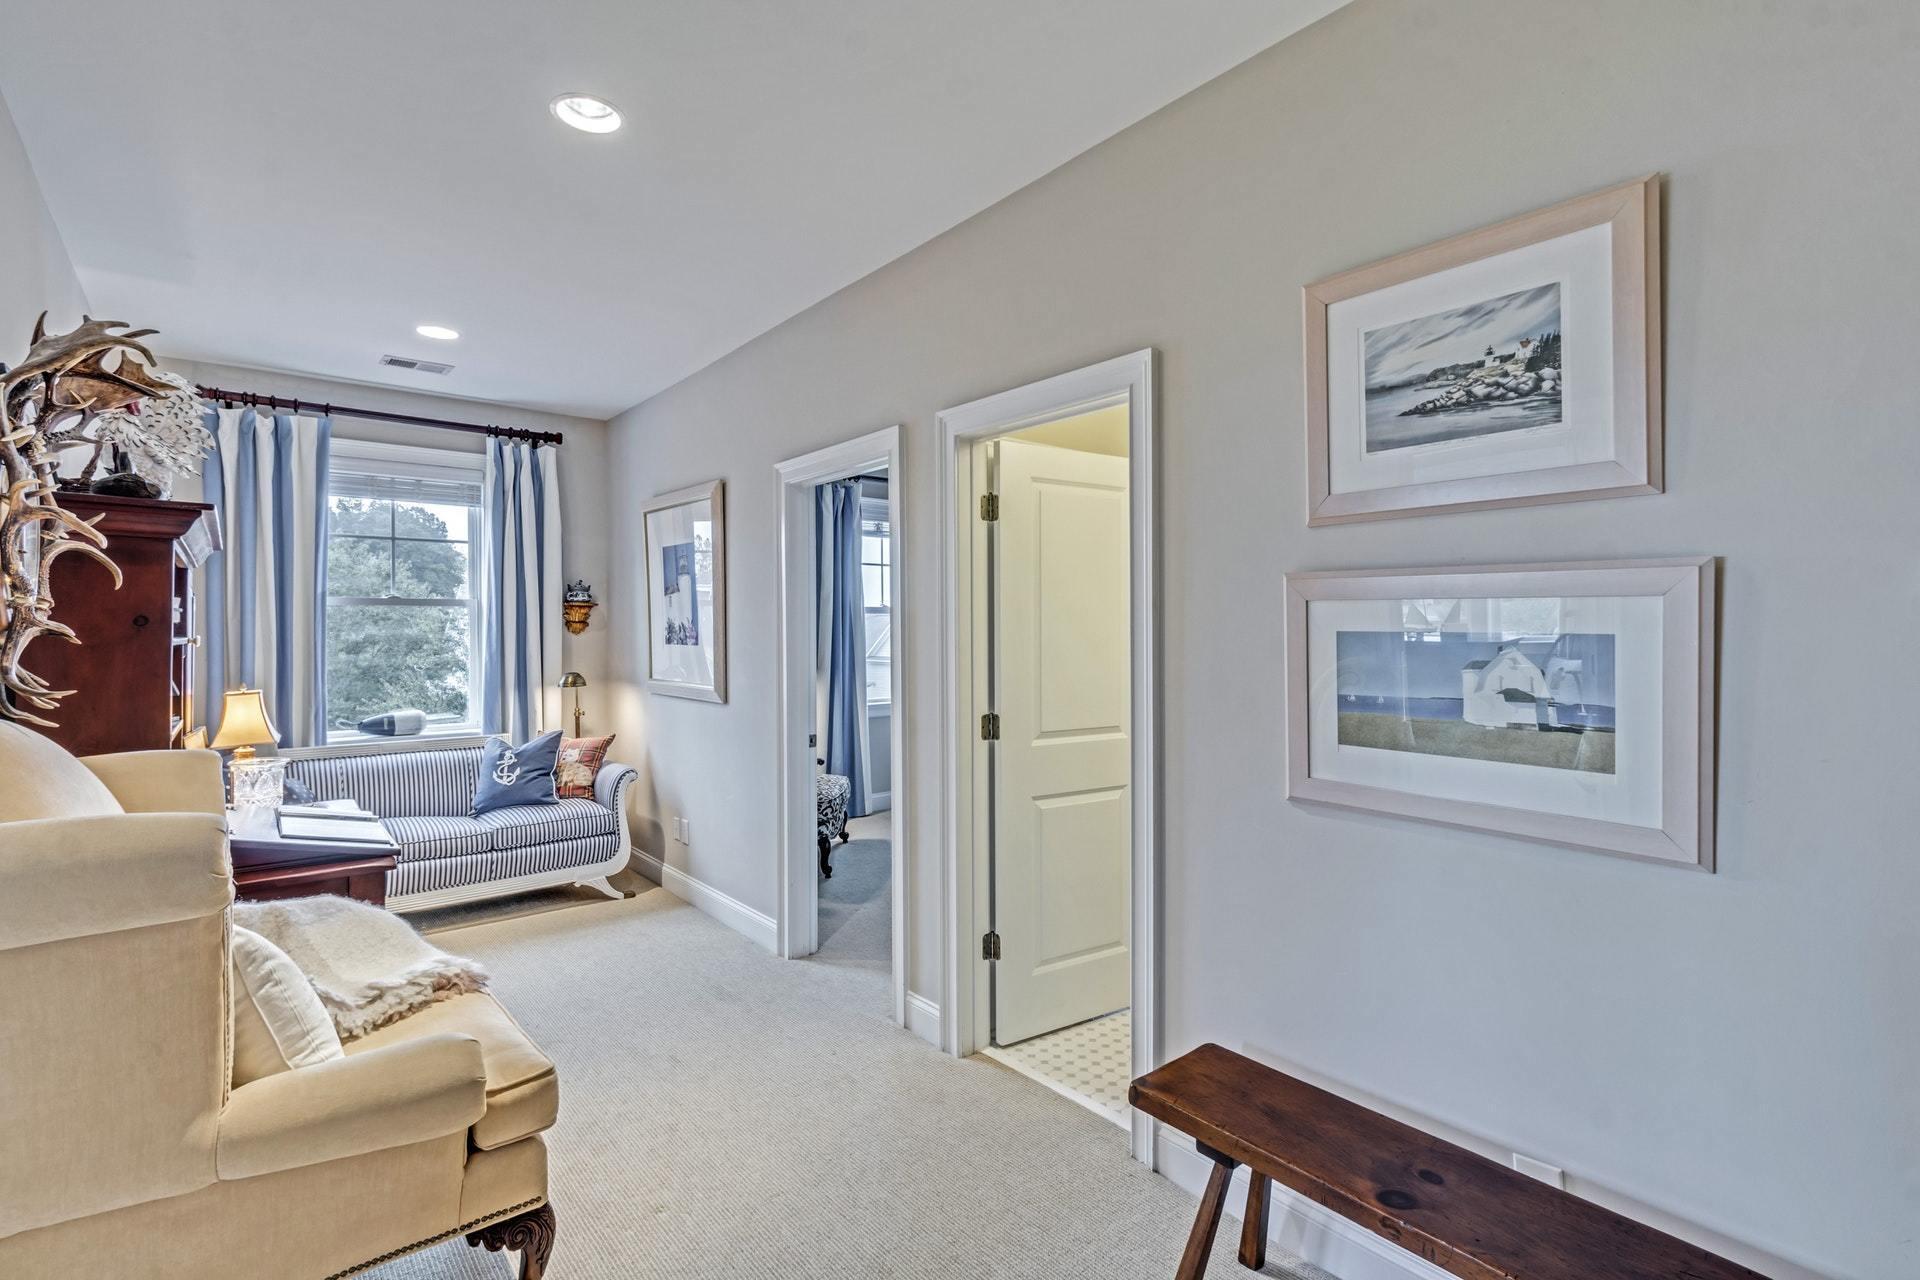 Dunes West Homes For Sale - 2816 River Vista, Mount Pleasant, SC - 30